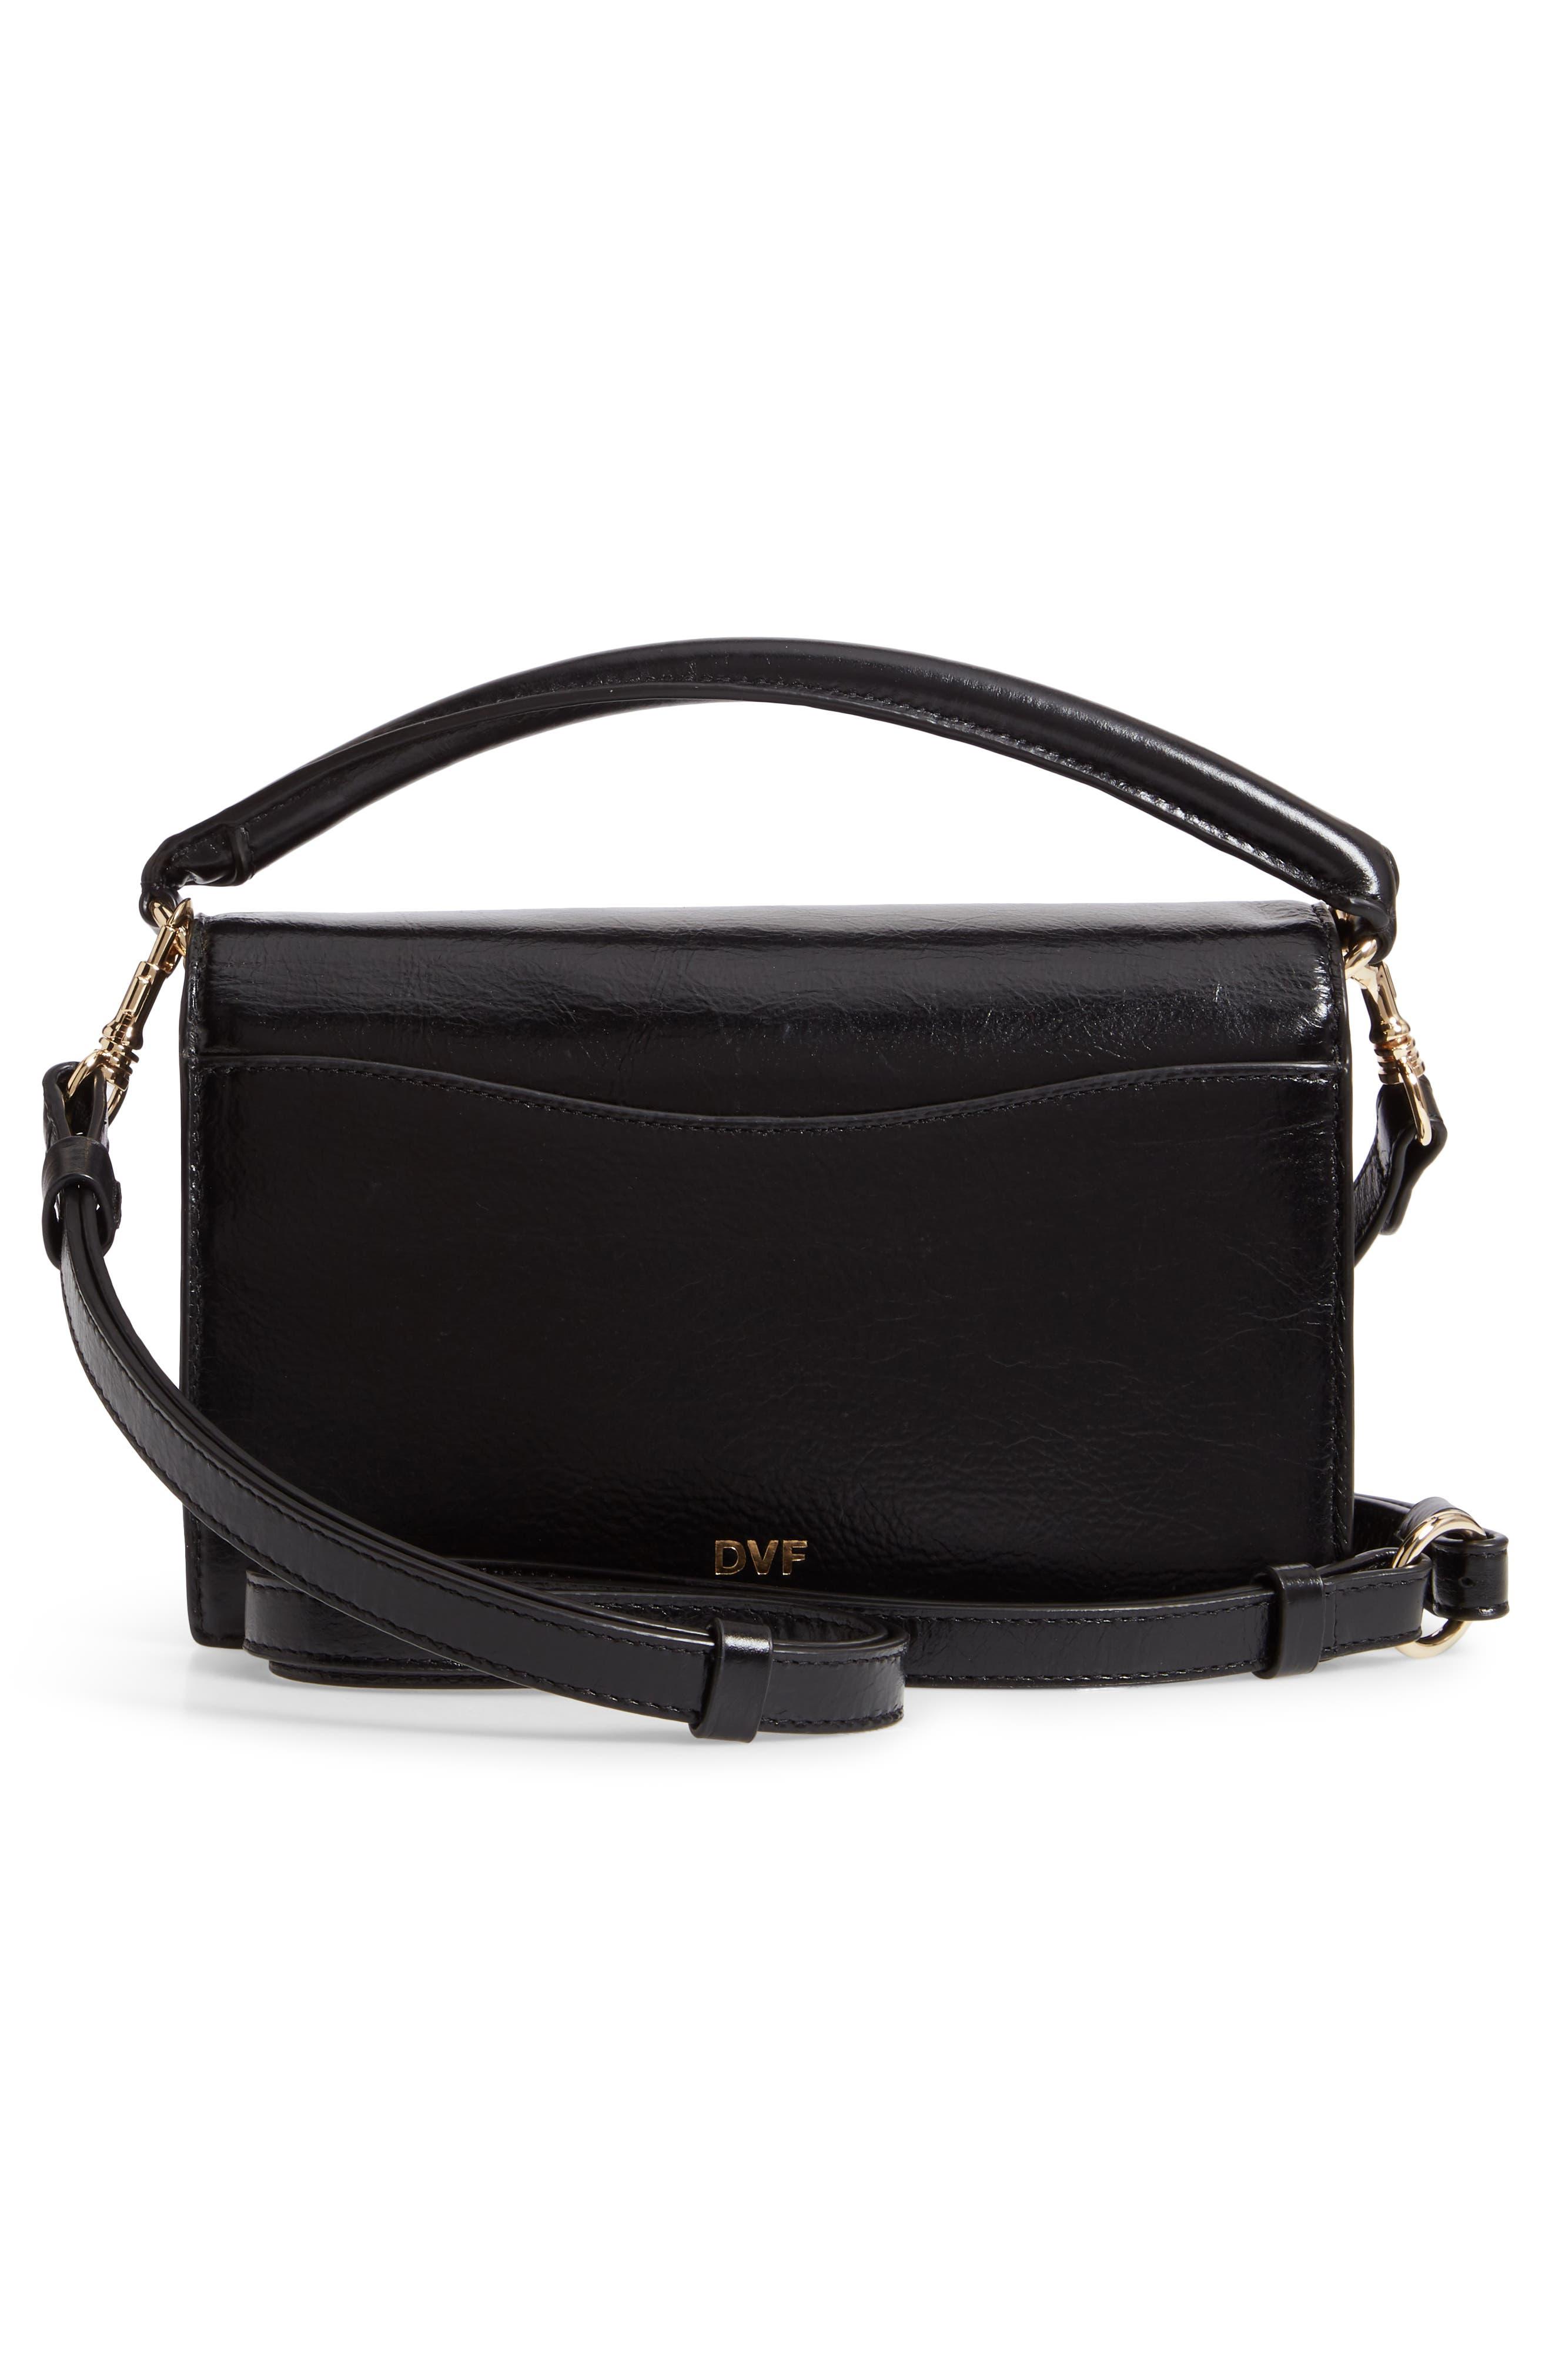 DVF Bonne Soirée Leather Top Handle Bag,                             Alternate thumbnail 3, color,                             001